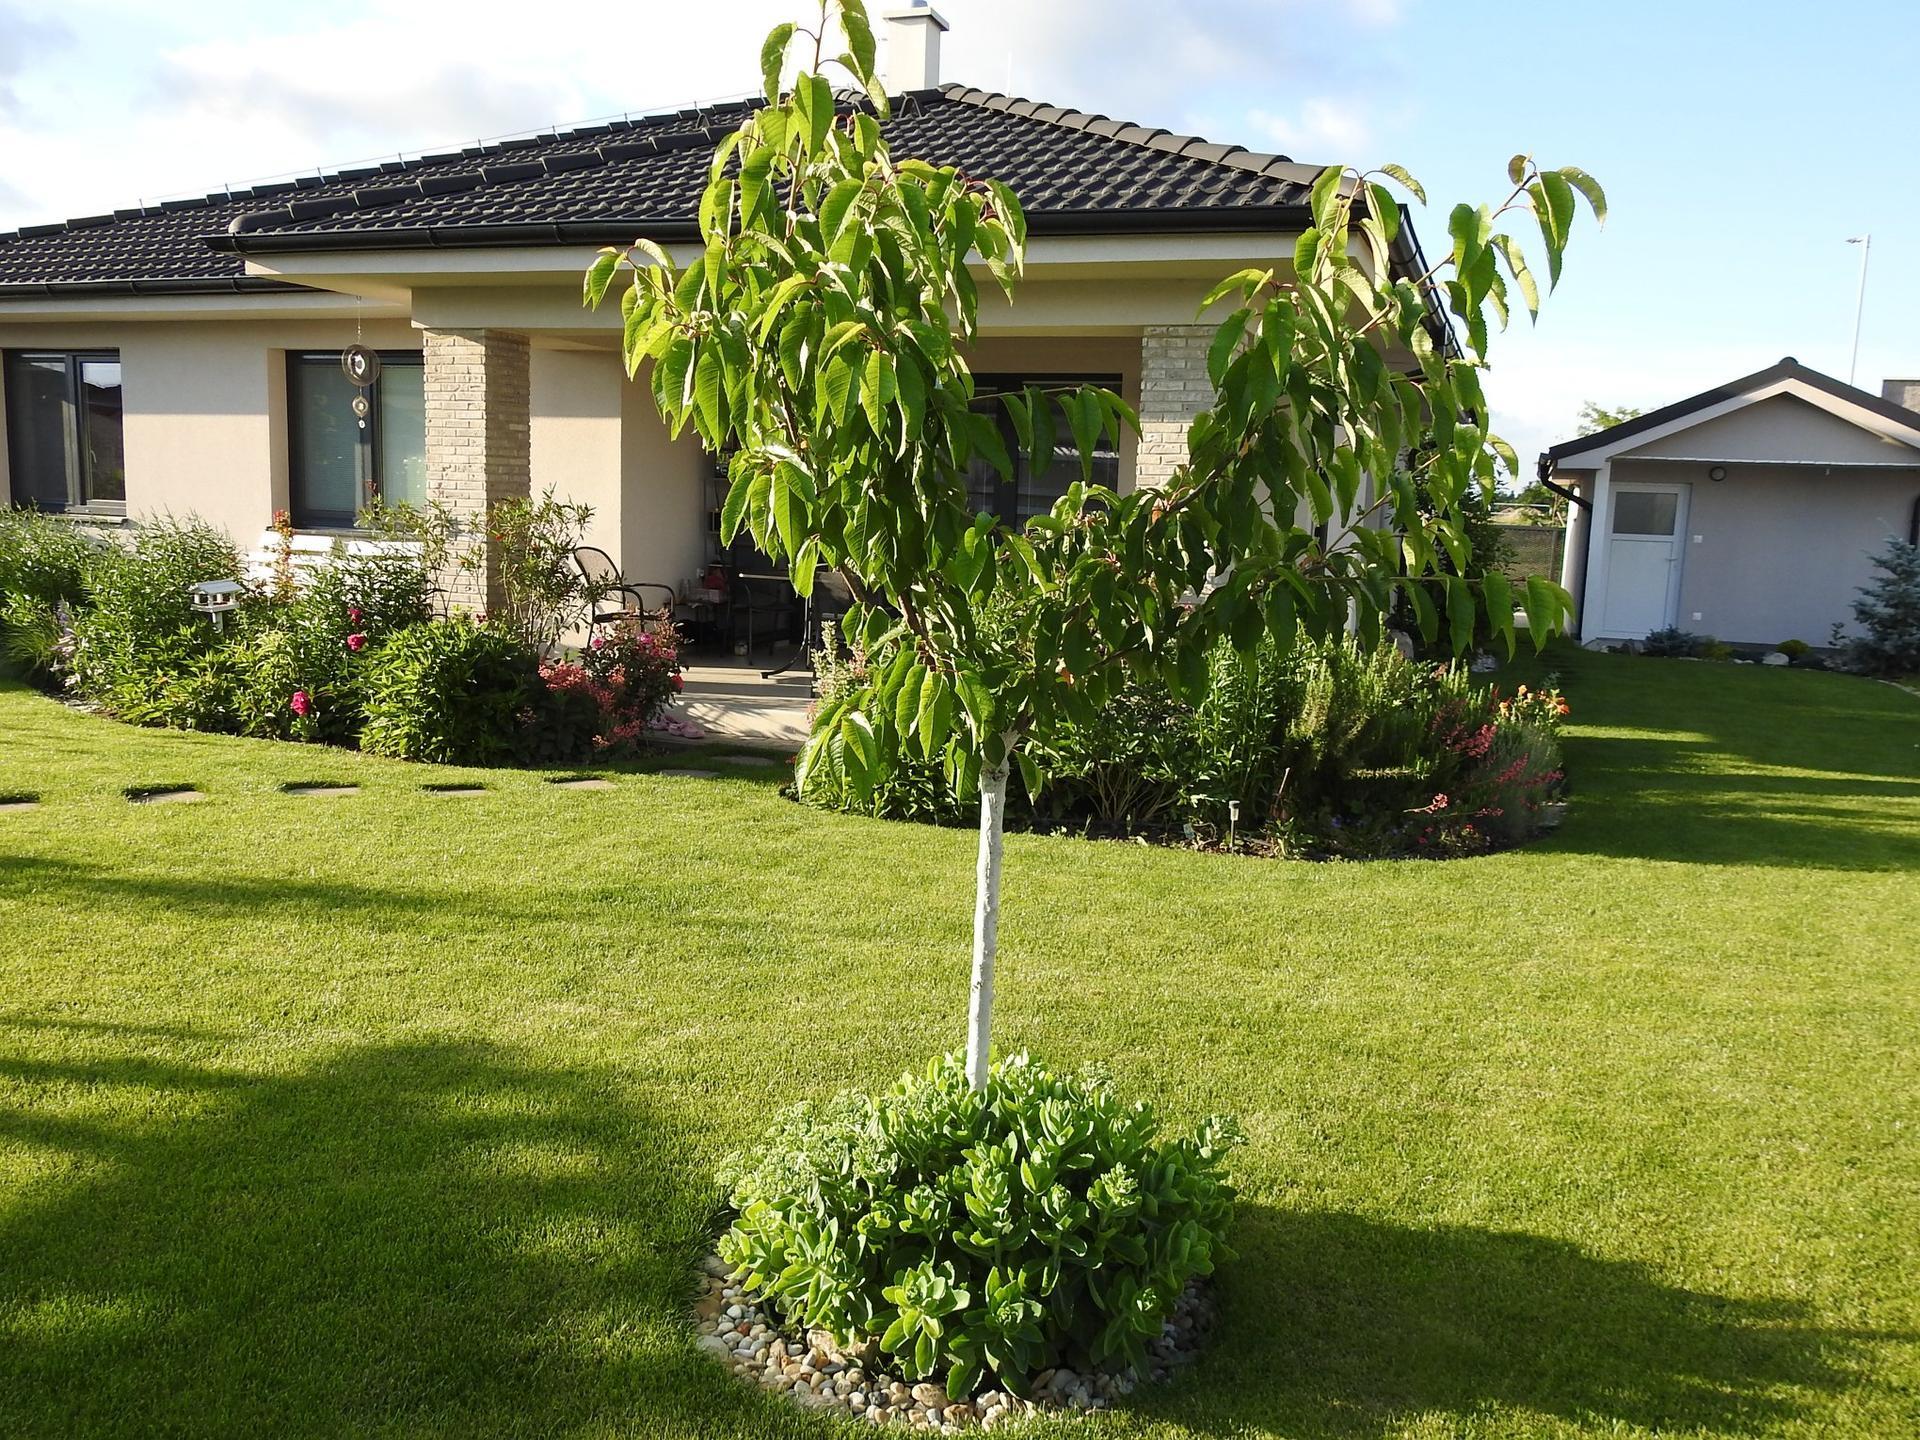 Návrh aj realizácia záhrady v mojom ponímaní - Obrázok č. 8